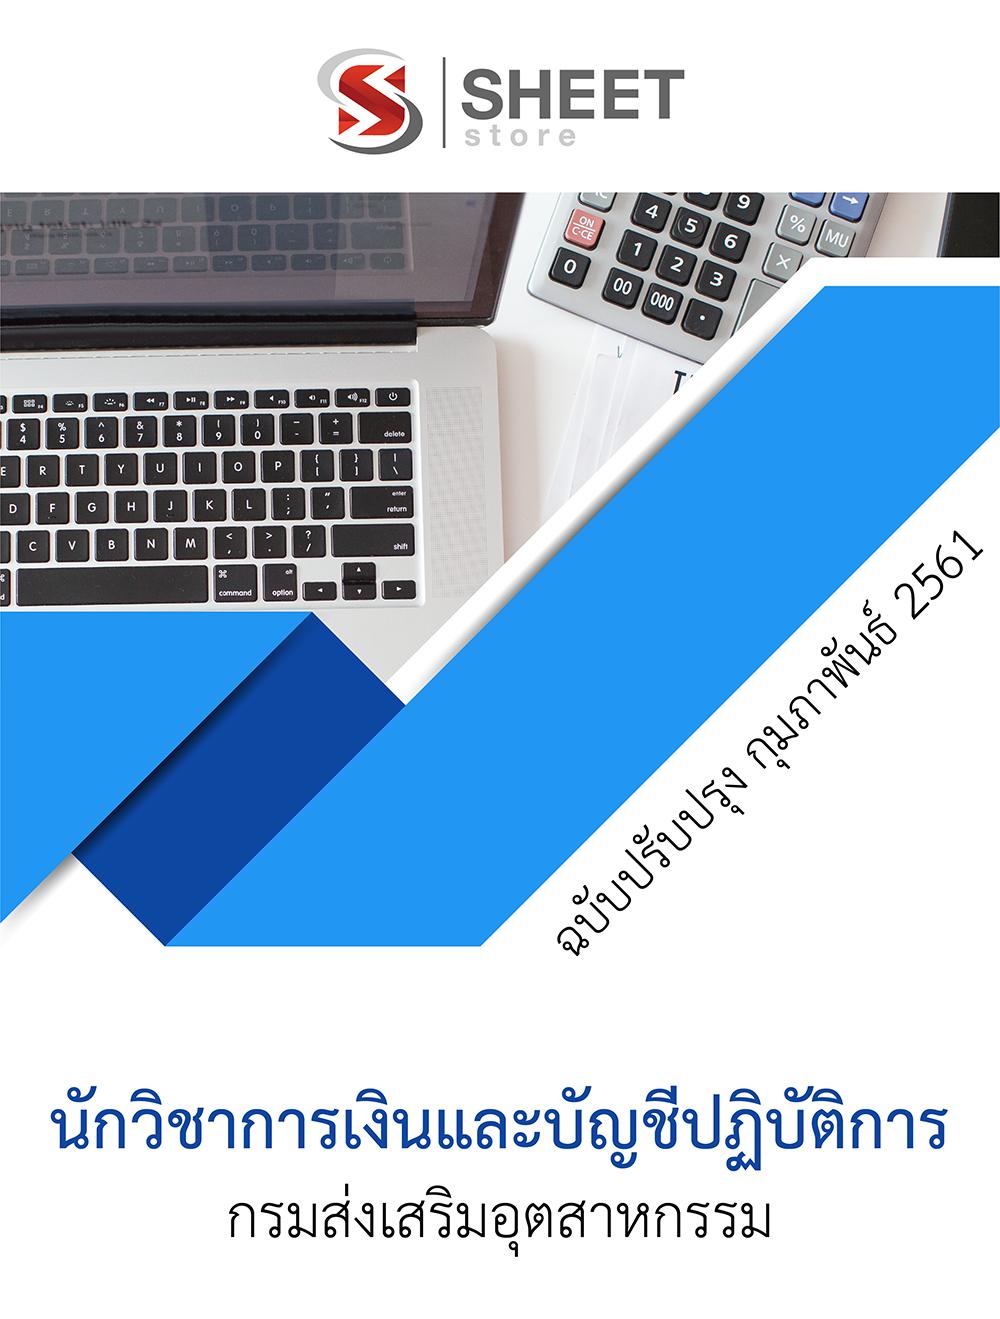 แนวข้อสอบ นักวิชาการเงินและบัญชีปฏิบัติการ กรมส่งเสริมอุตสาหกรรม